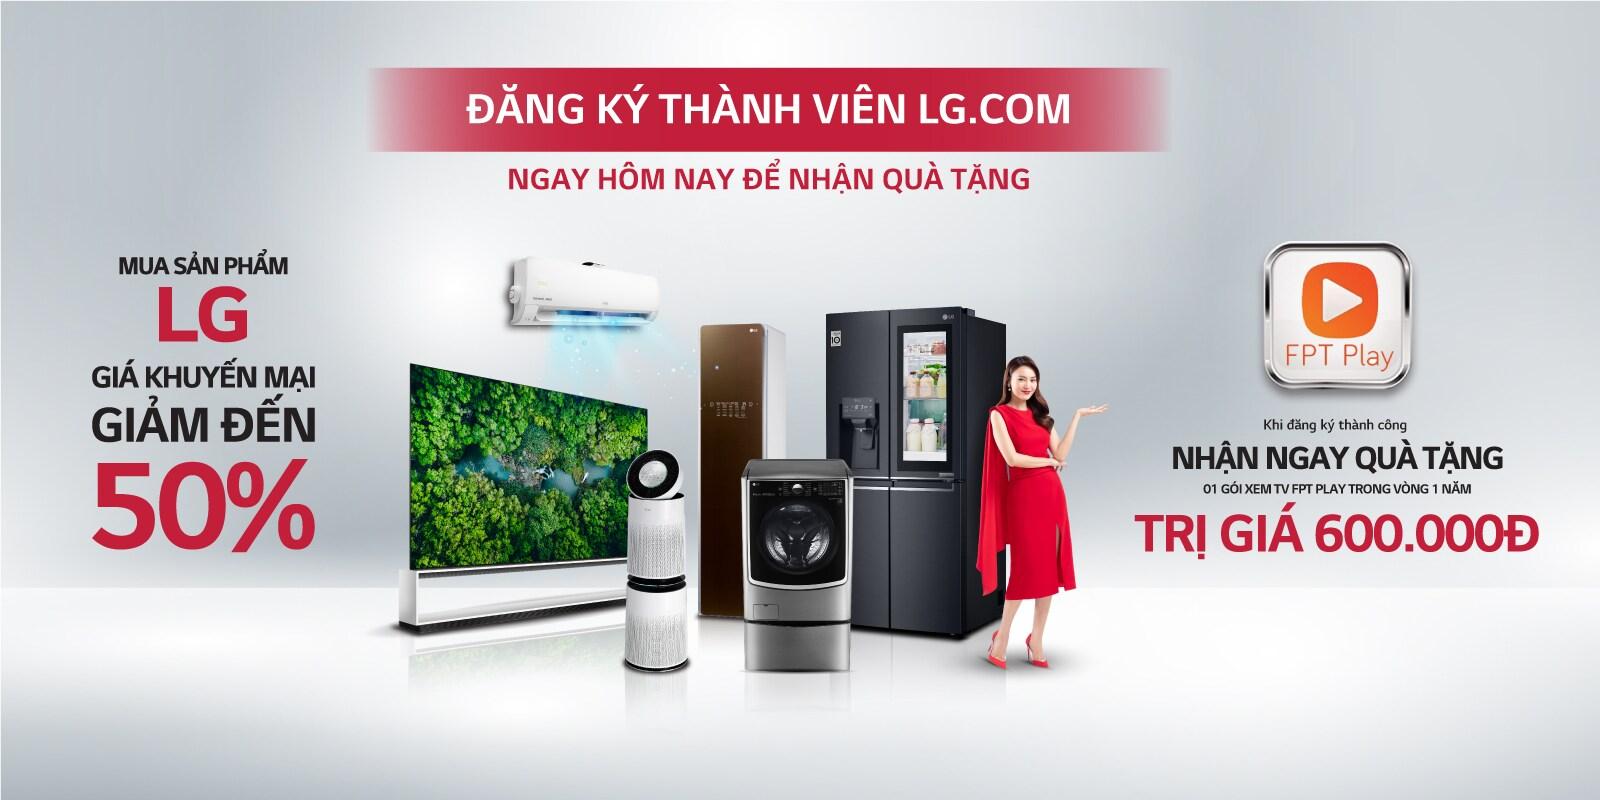 LG - Thiết bị giải trí - Điện tử gia dụng